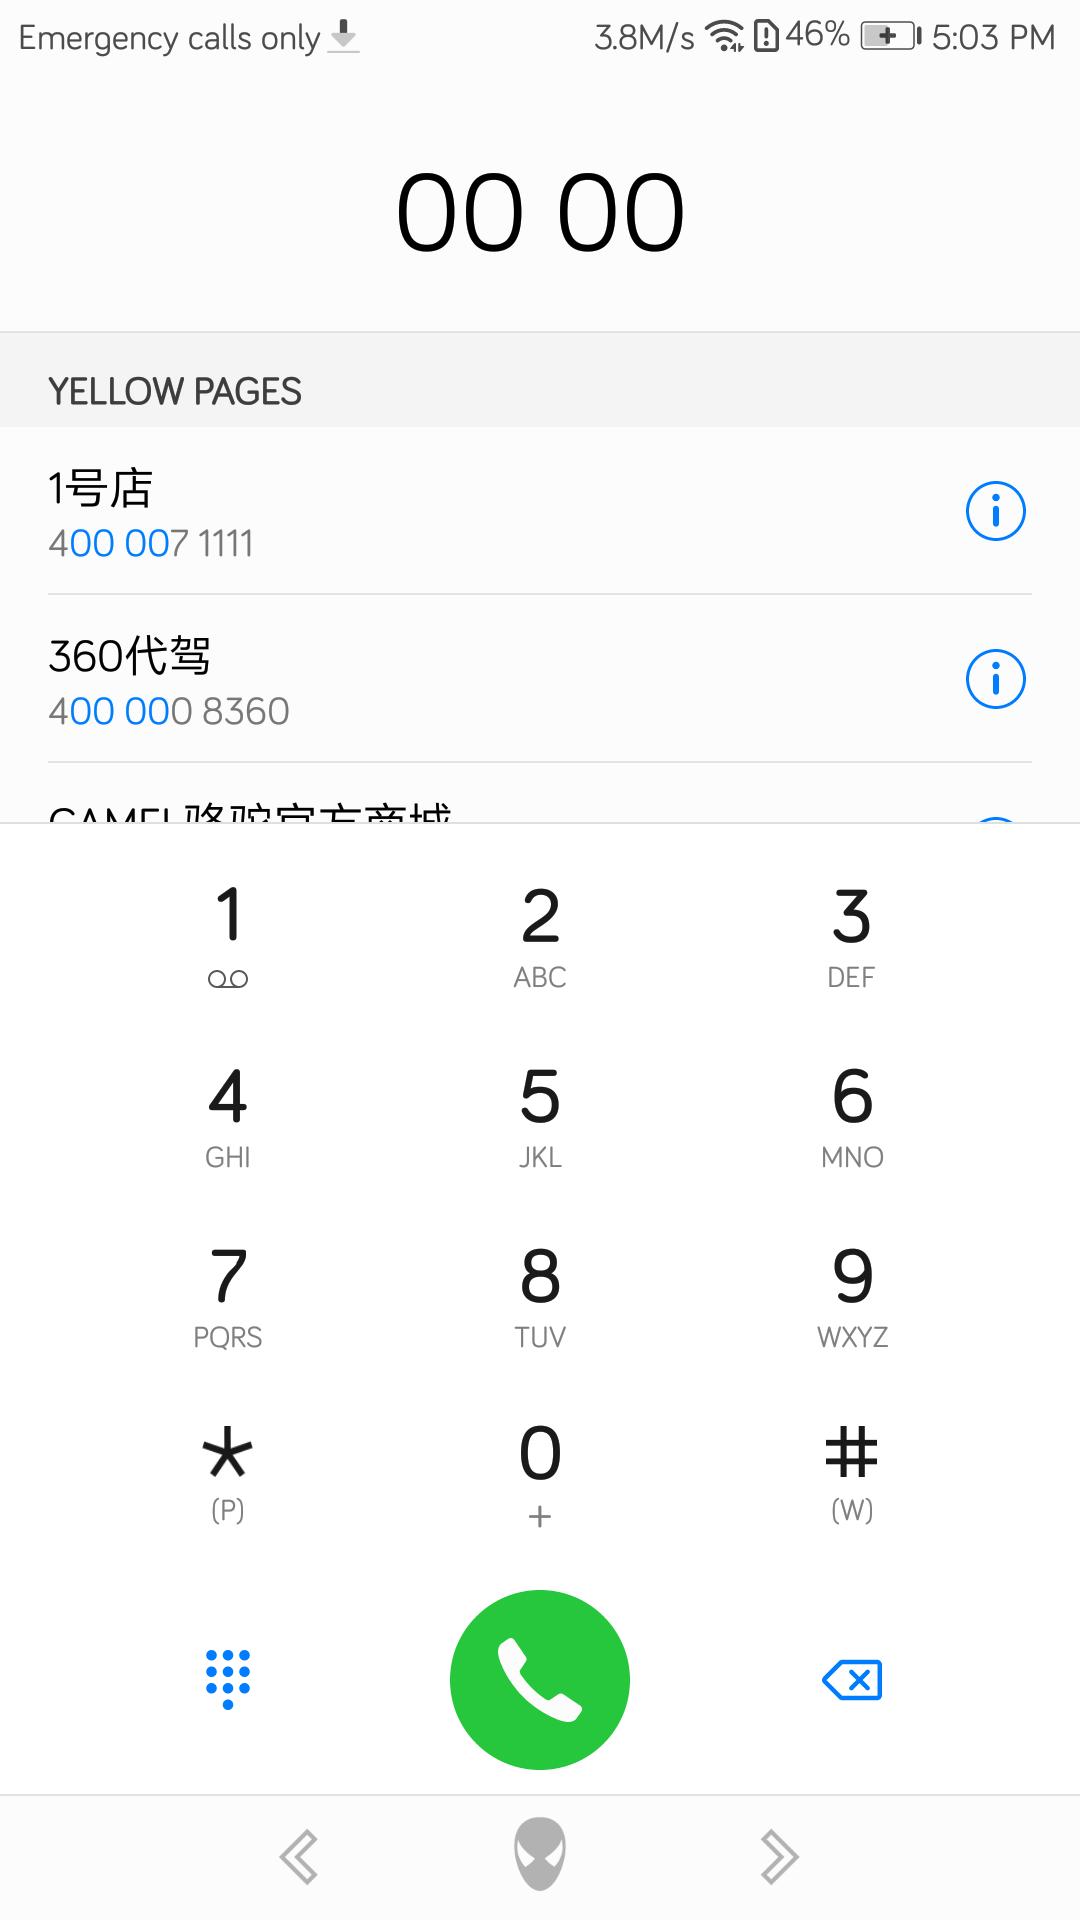 EMUI 8.0 Apps 2